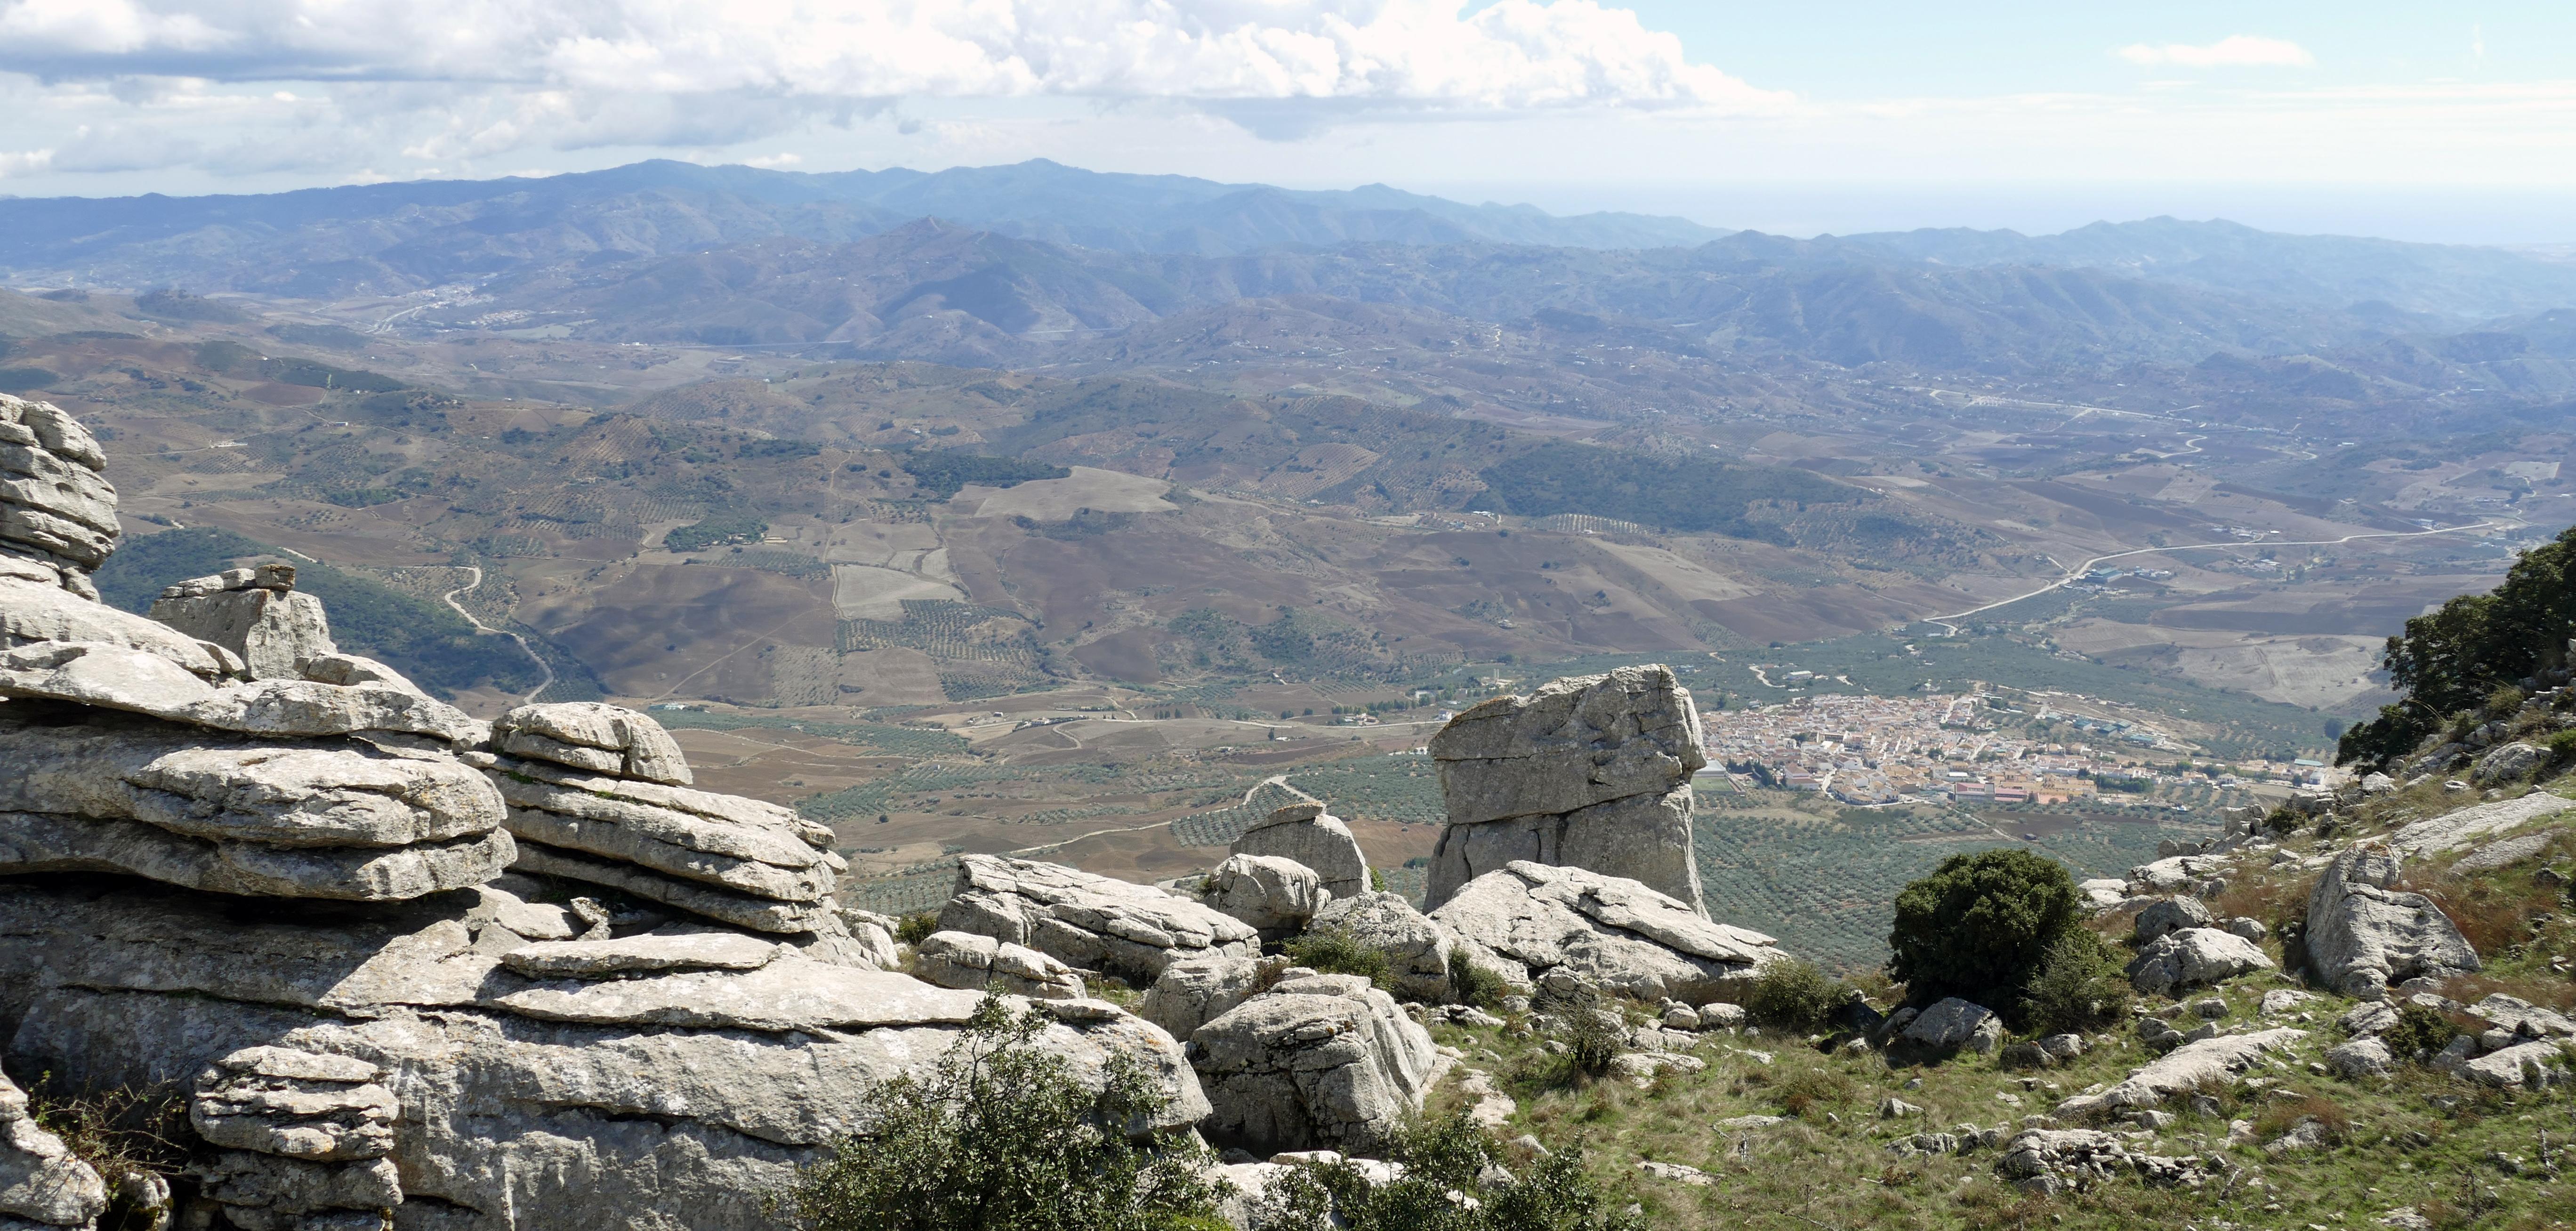 antequera_tour-oletrips-2